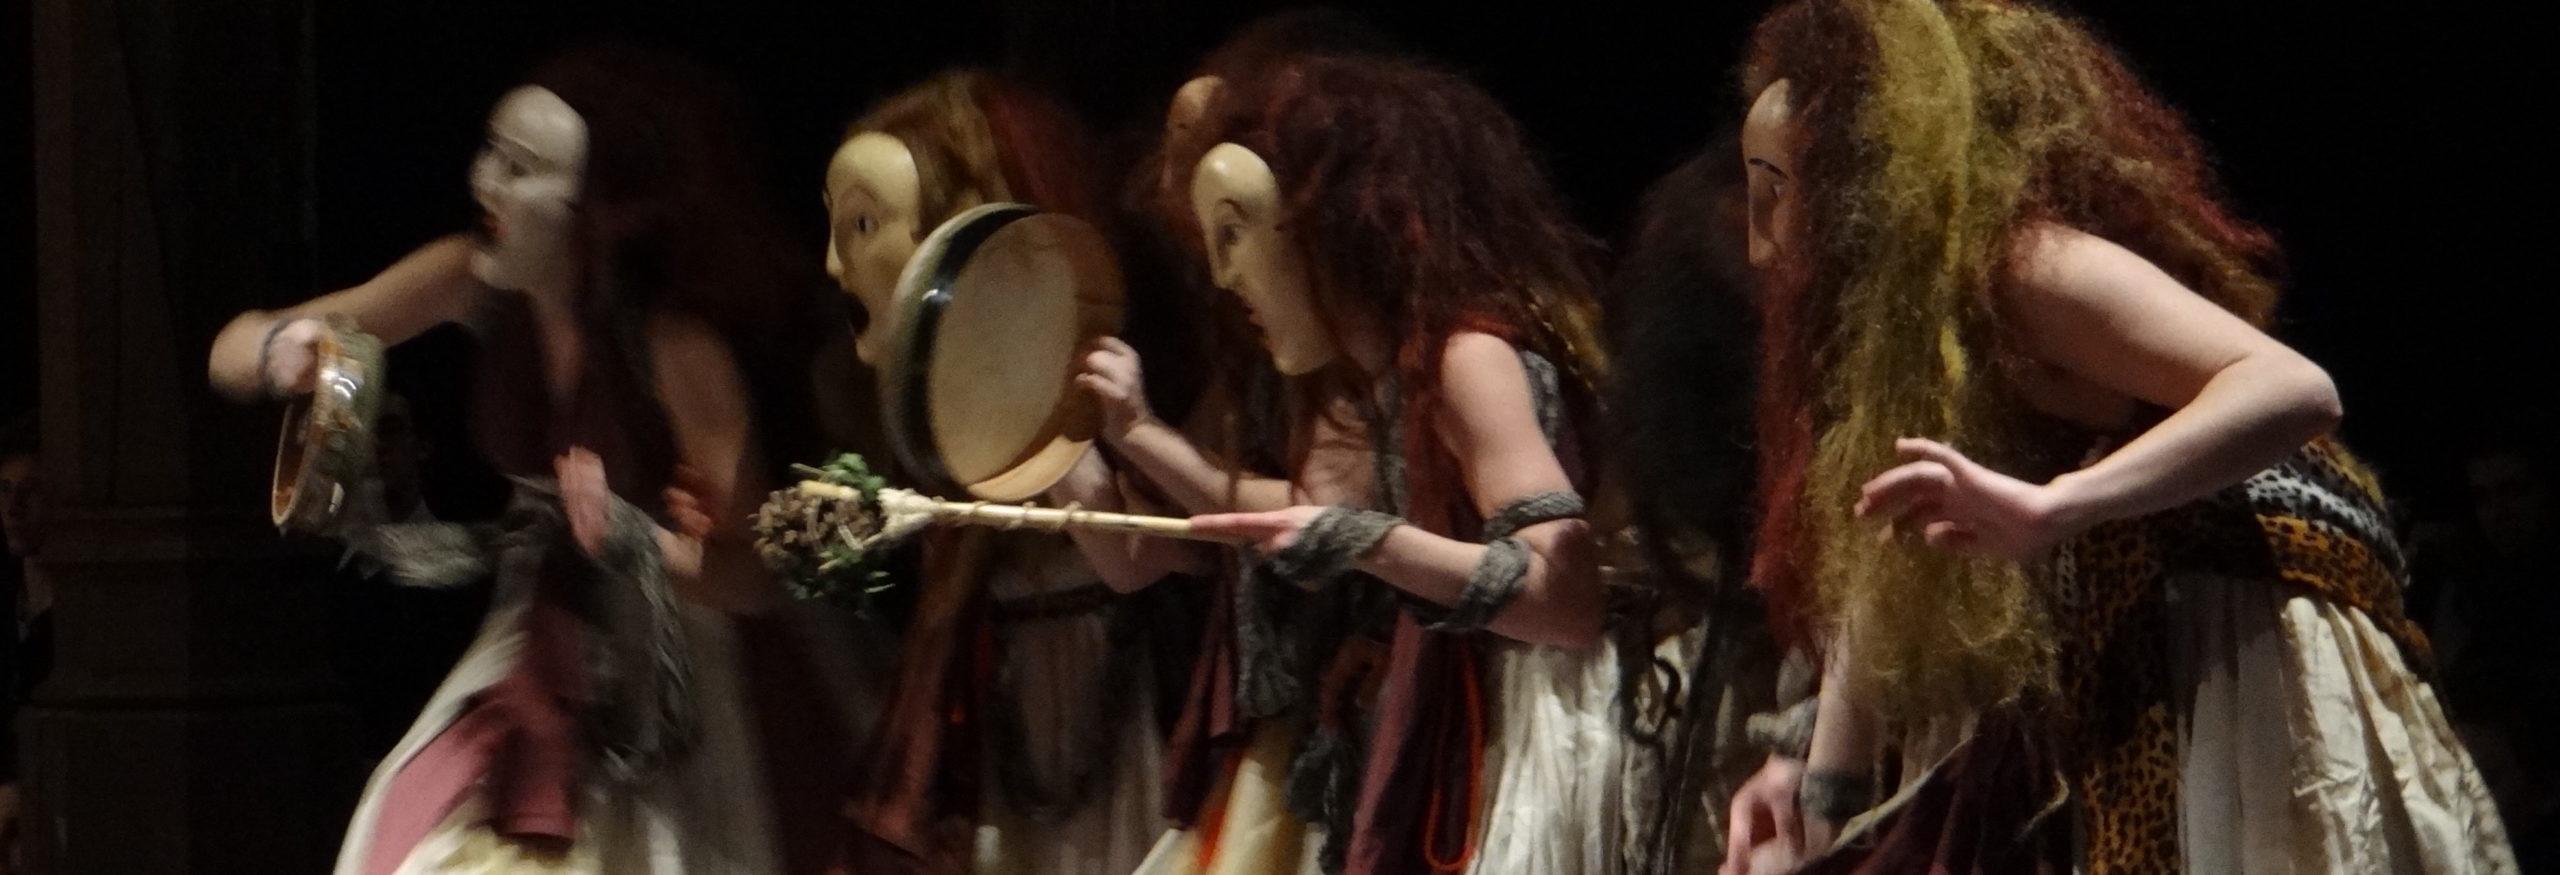 Intégrale de l'Odyssée : Ulysse au banquet des prétendants